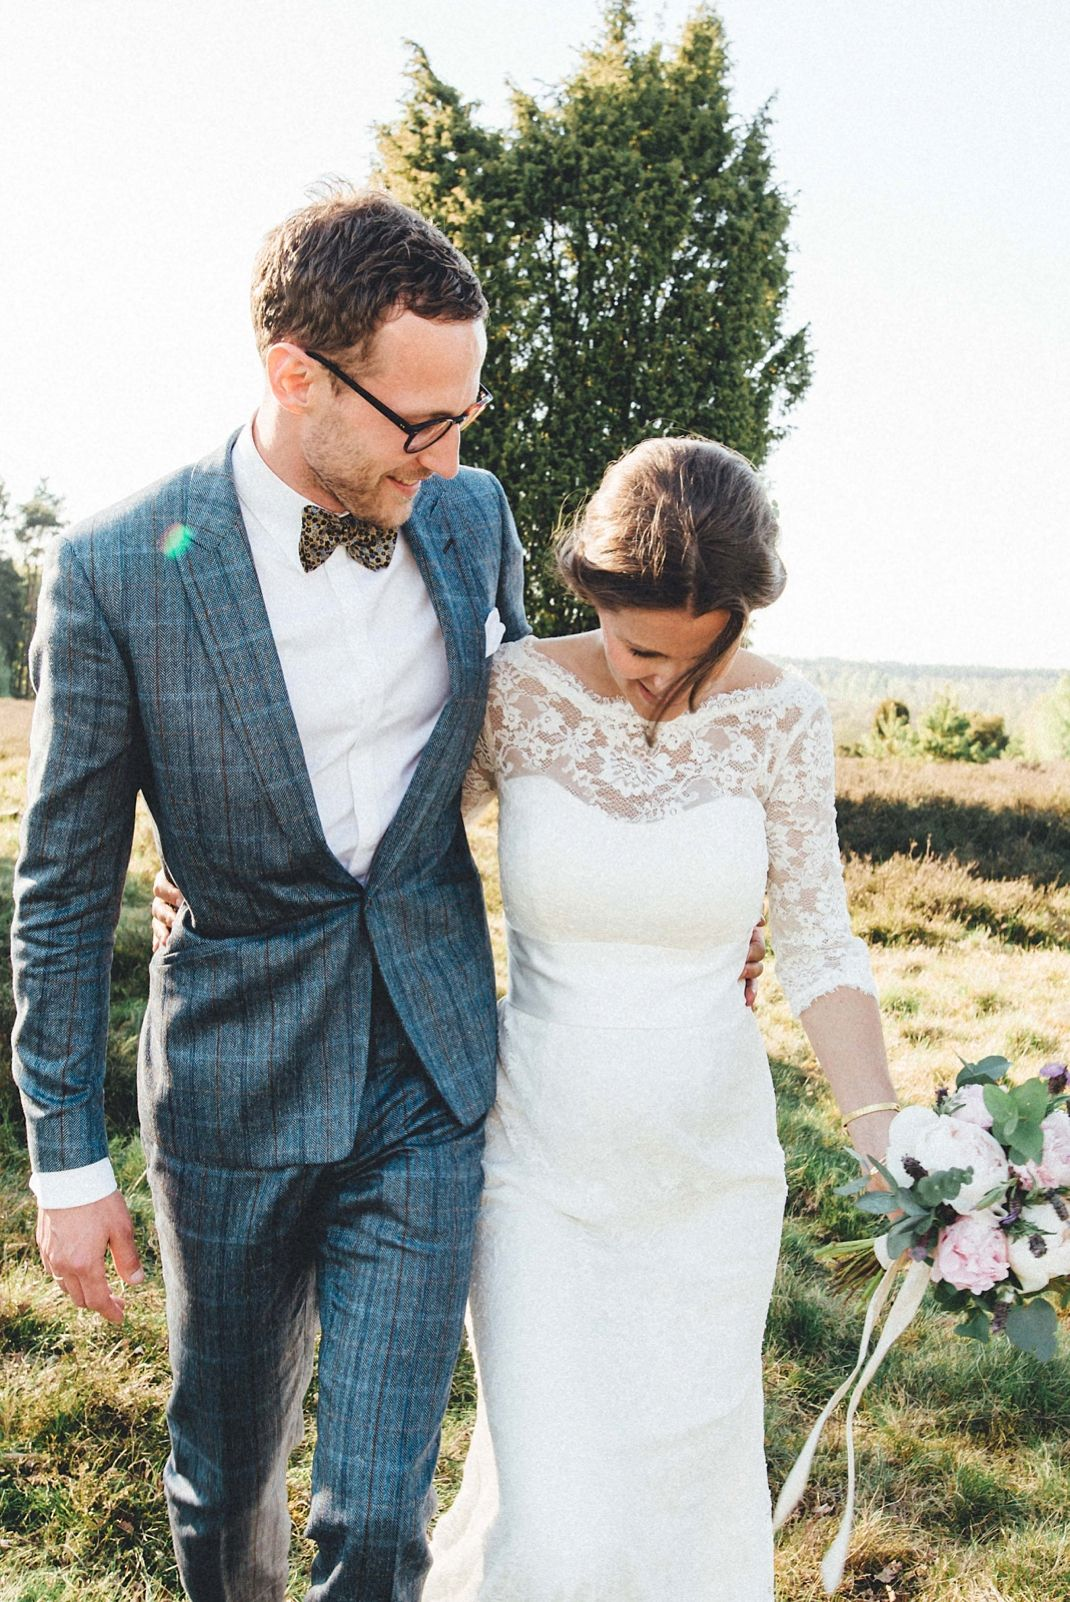 Groß Land Hochzeit Outfits Galerie - Brautkleider Ideen - cashingy.info